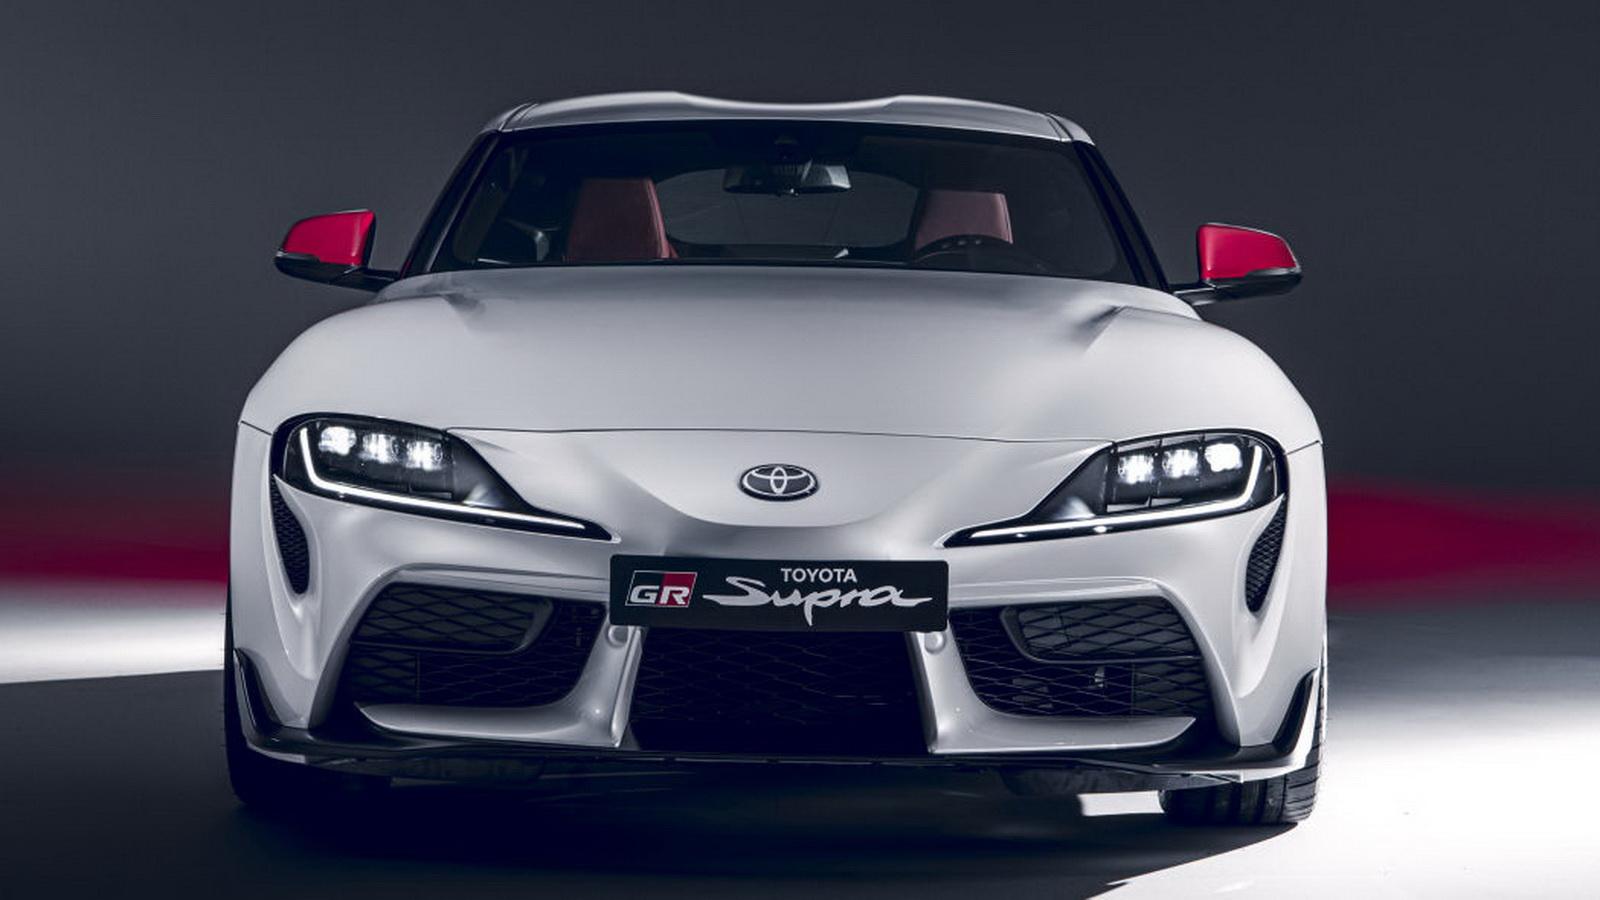 圖/2020年Toyota GR Supra整體造型與2019年車型一致,車身比例為最適合操控的50:50「黃金比例」。